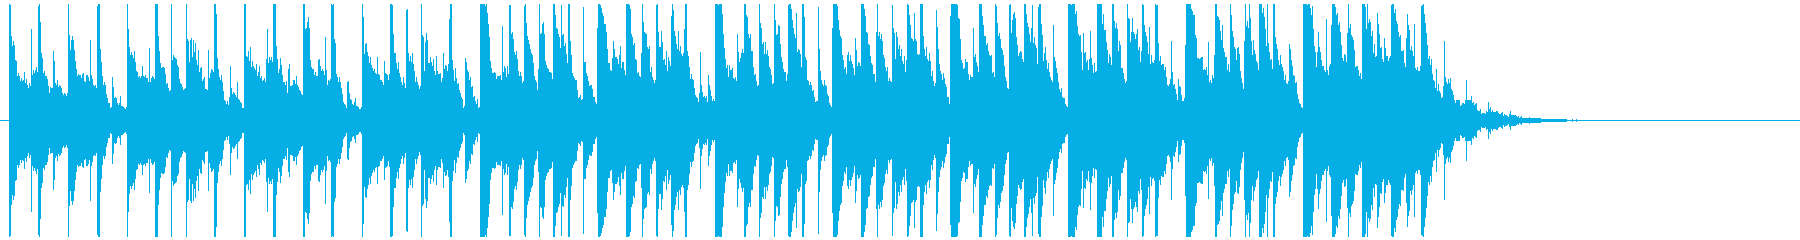 爽やかおしゃれピアノの再生済みの波形